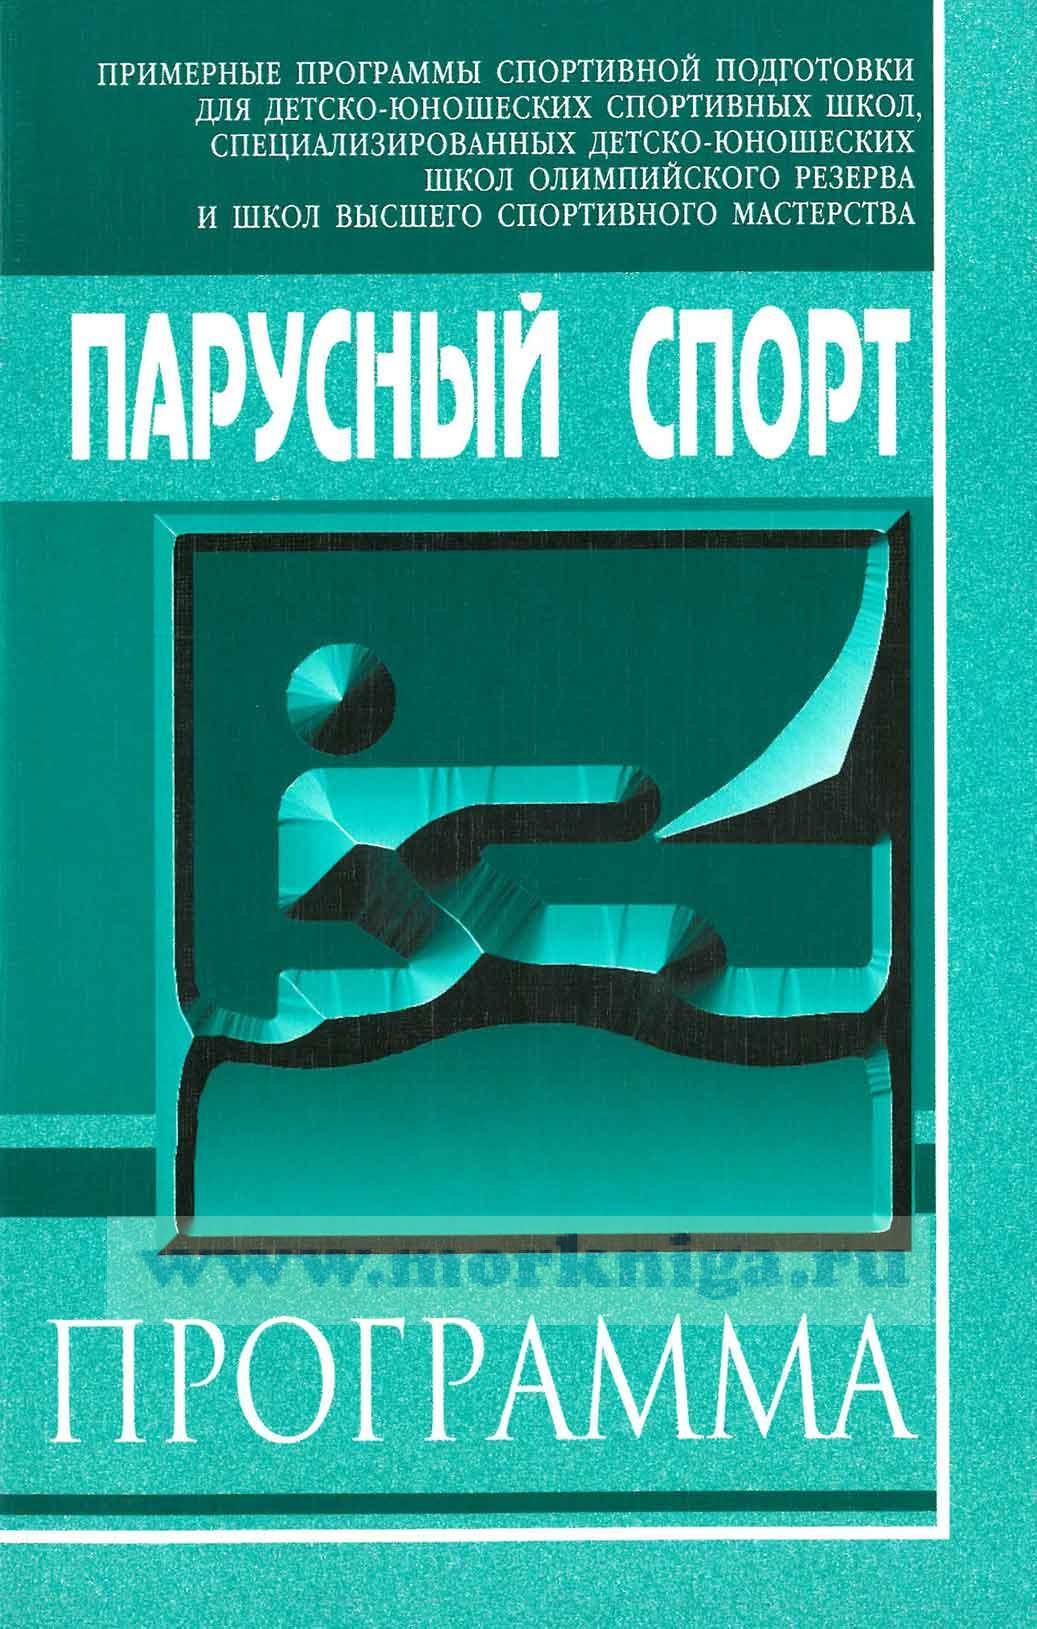 Парусный спорт: Примерная программа спортивной подготовки для ДЮСШ и СДЮШОР